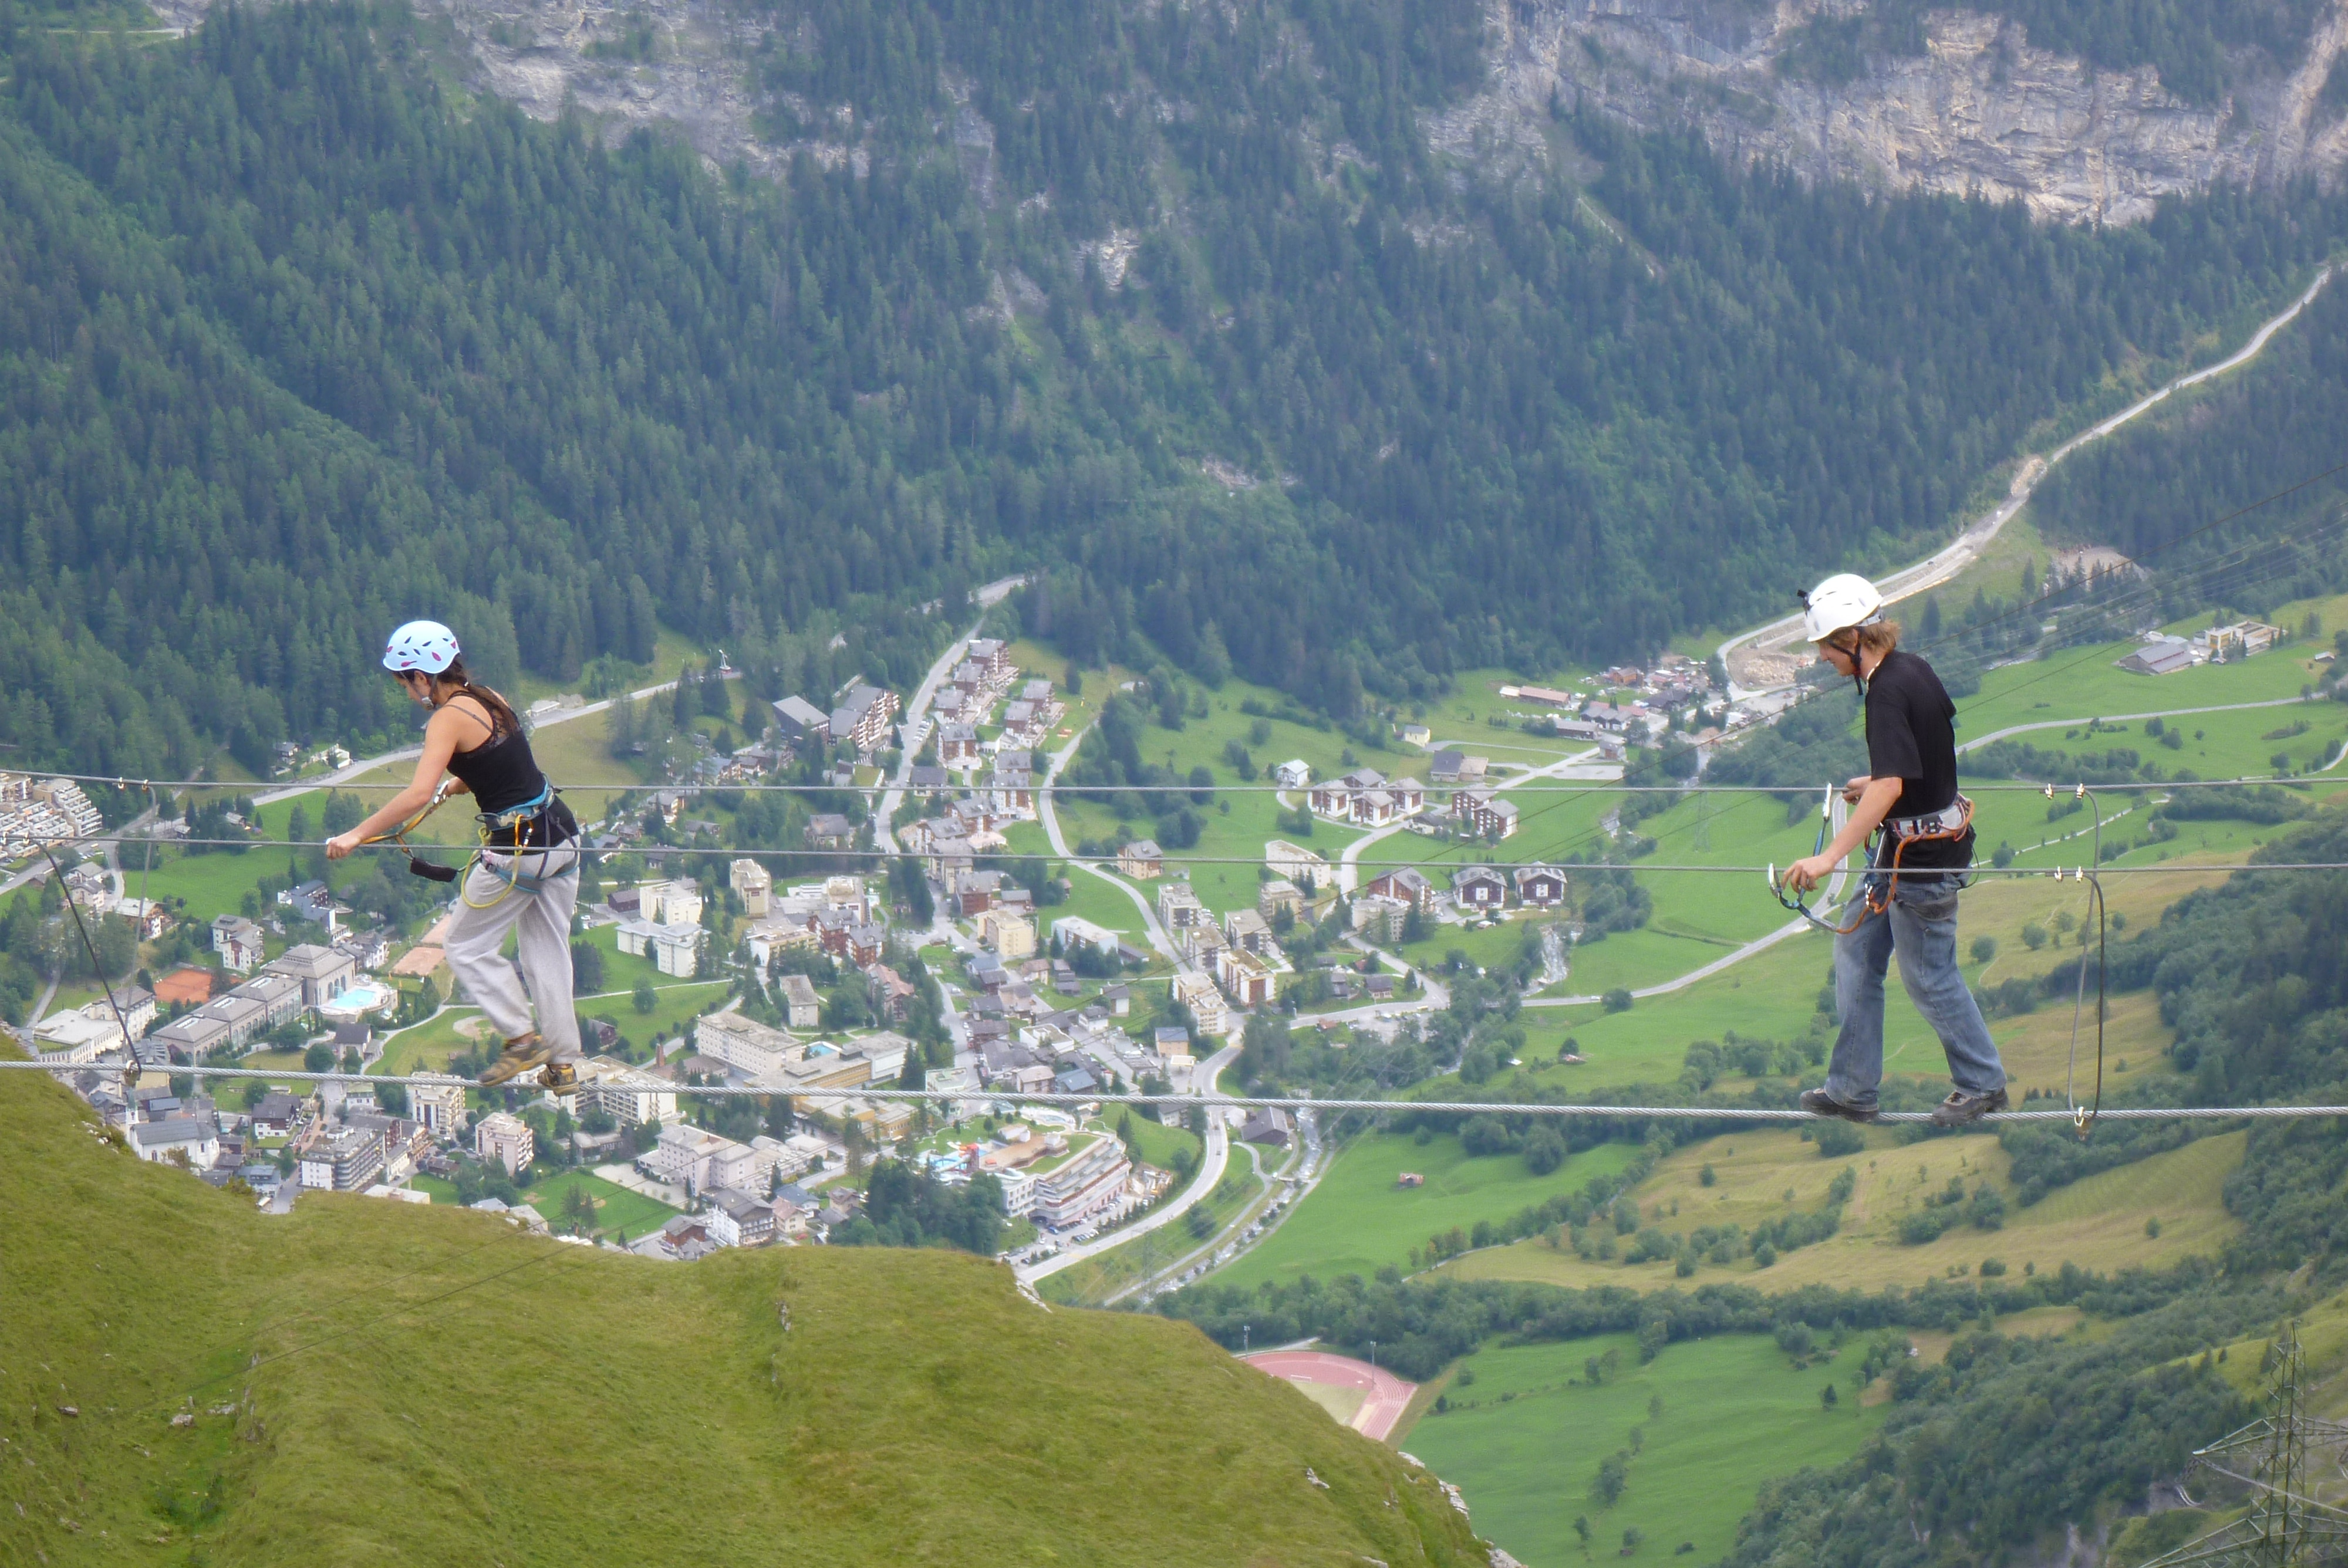 Klettersteig Leukerbad : Besteigung vom daubenhorn klettersteig bei leukerbad